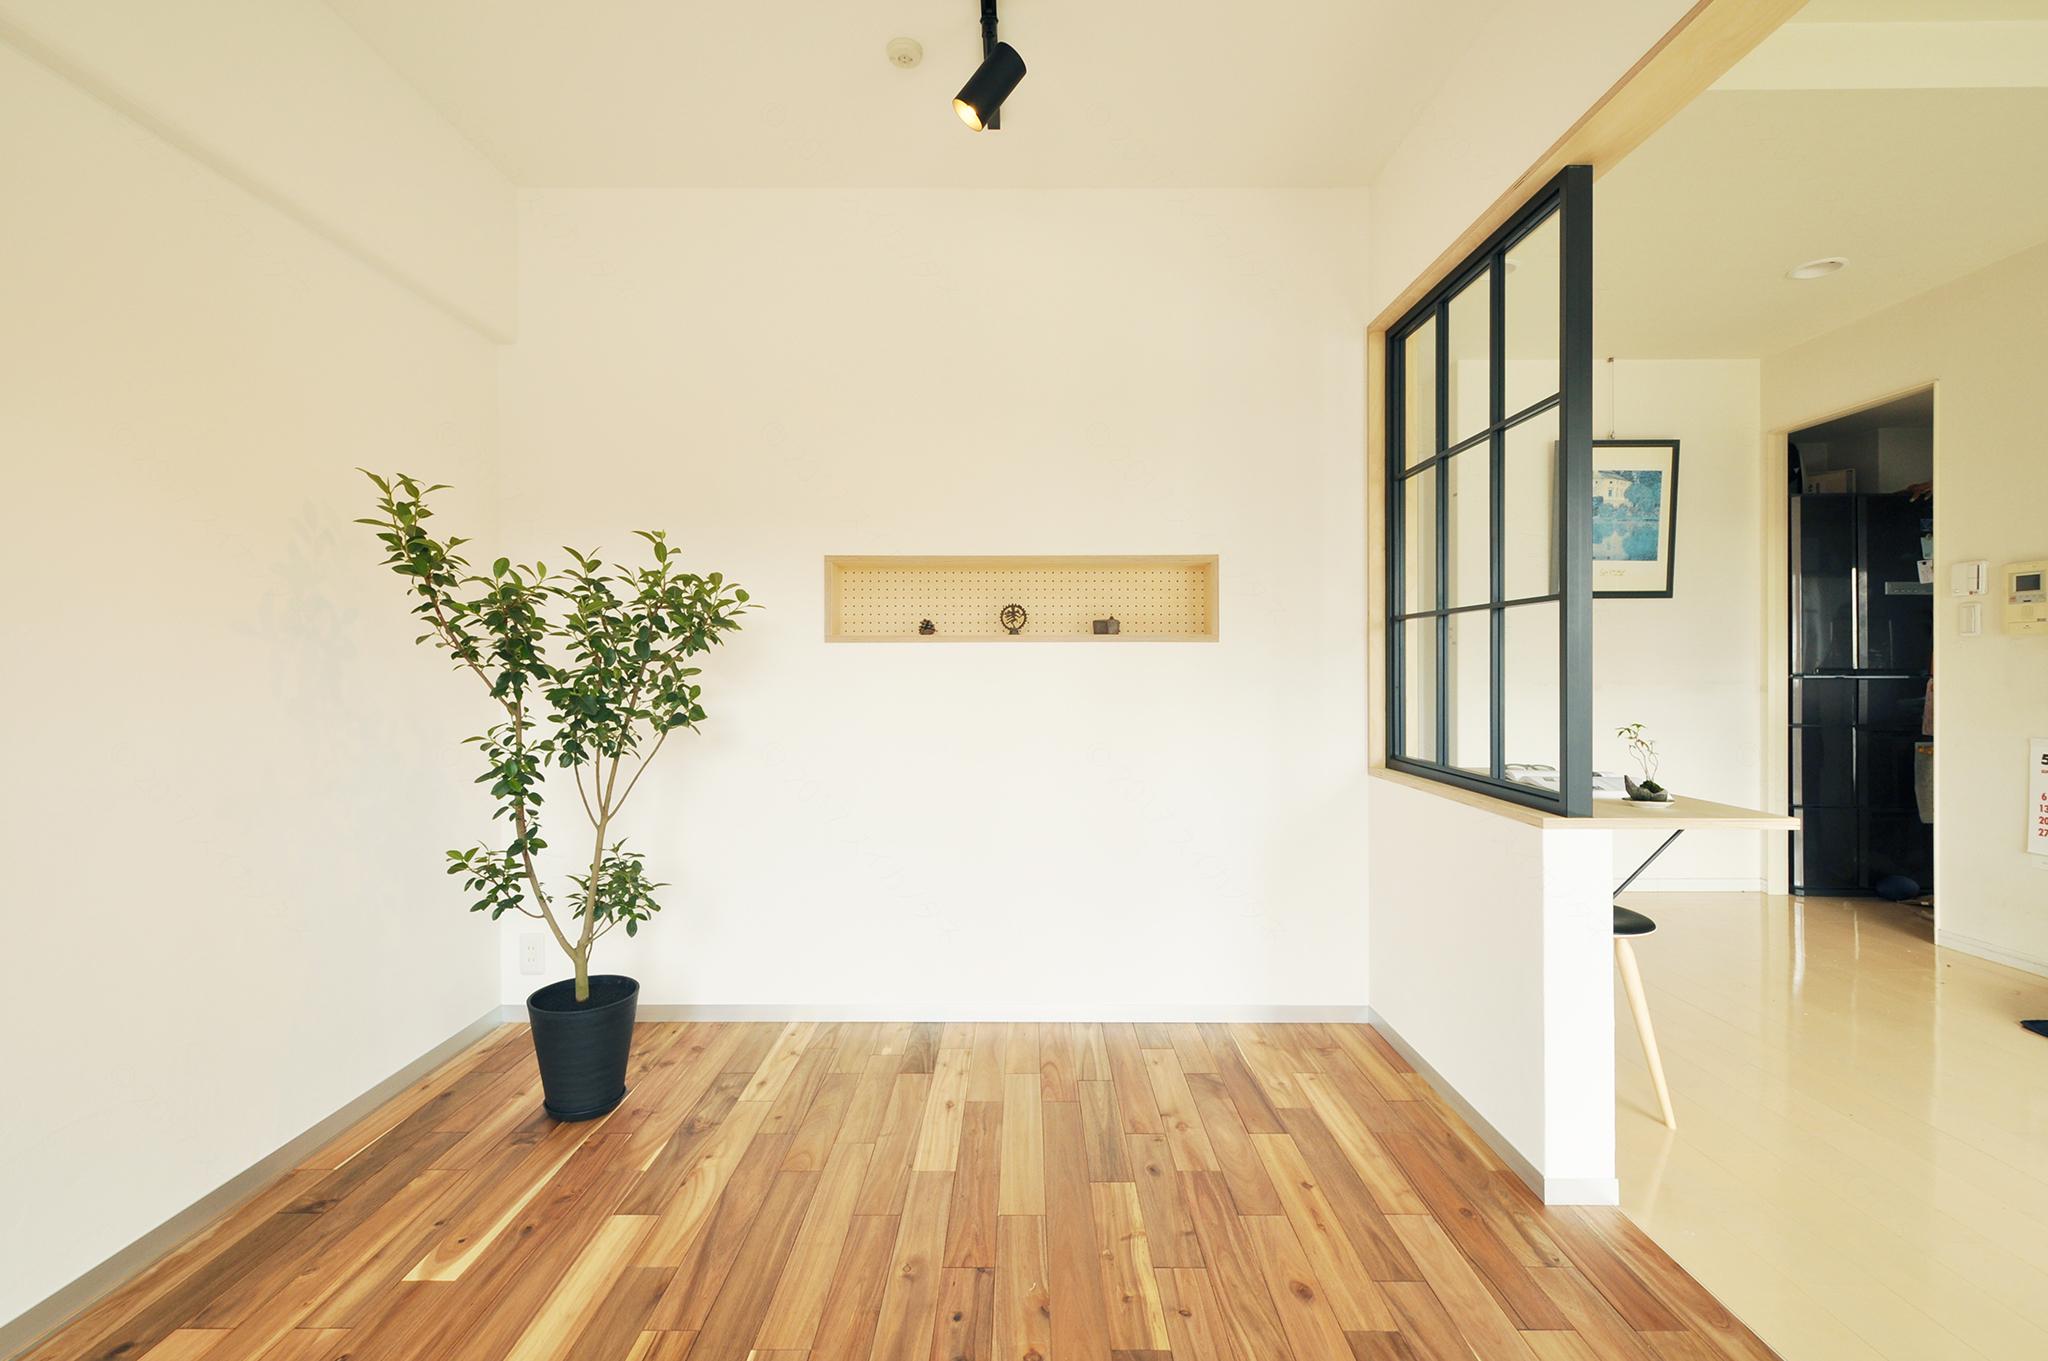 新潟市のマンション、和室のリノベーション ビュー2